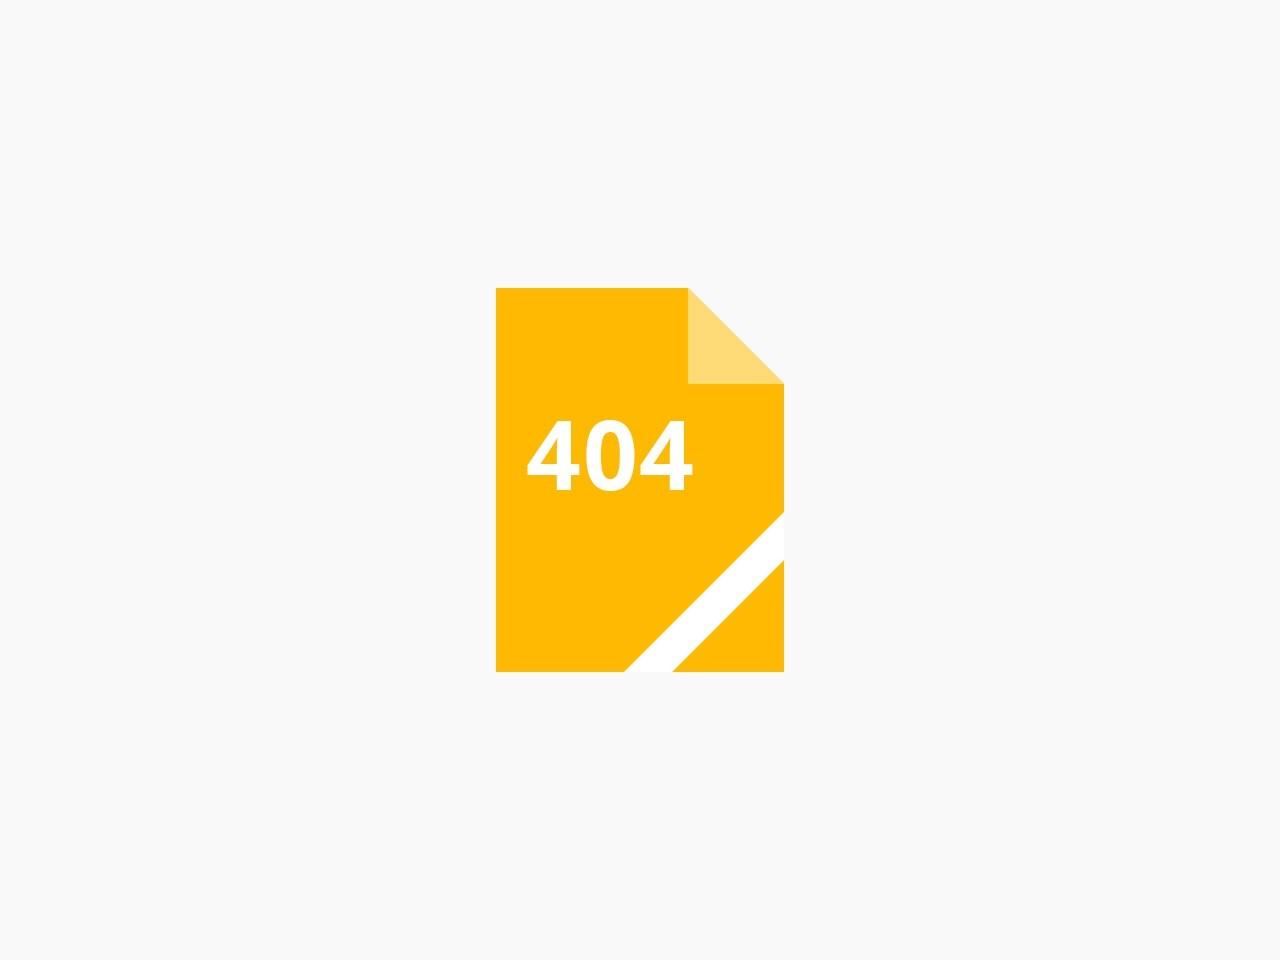 淮南市住房公积金管理中心